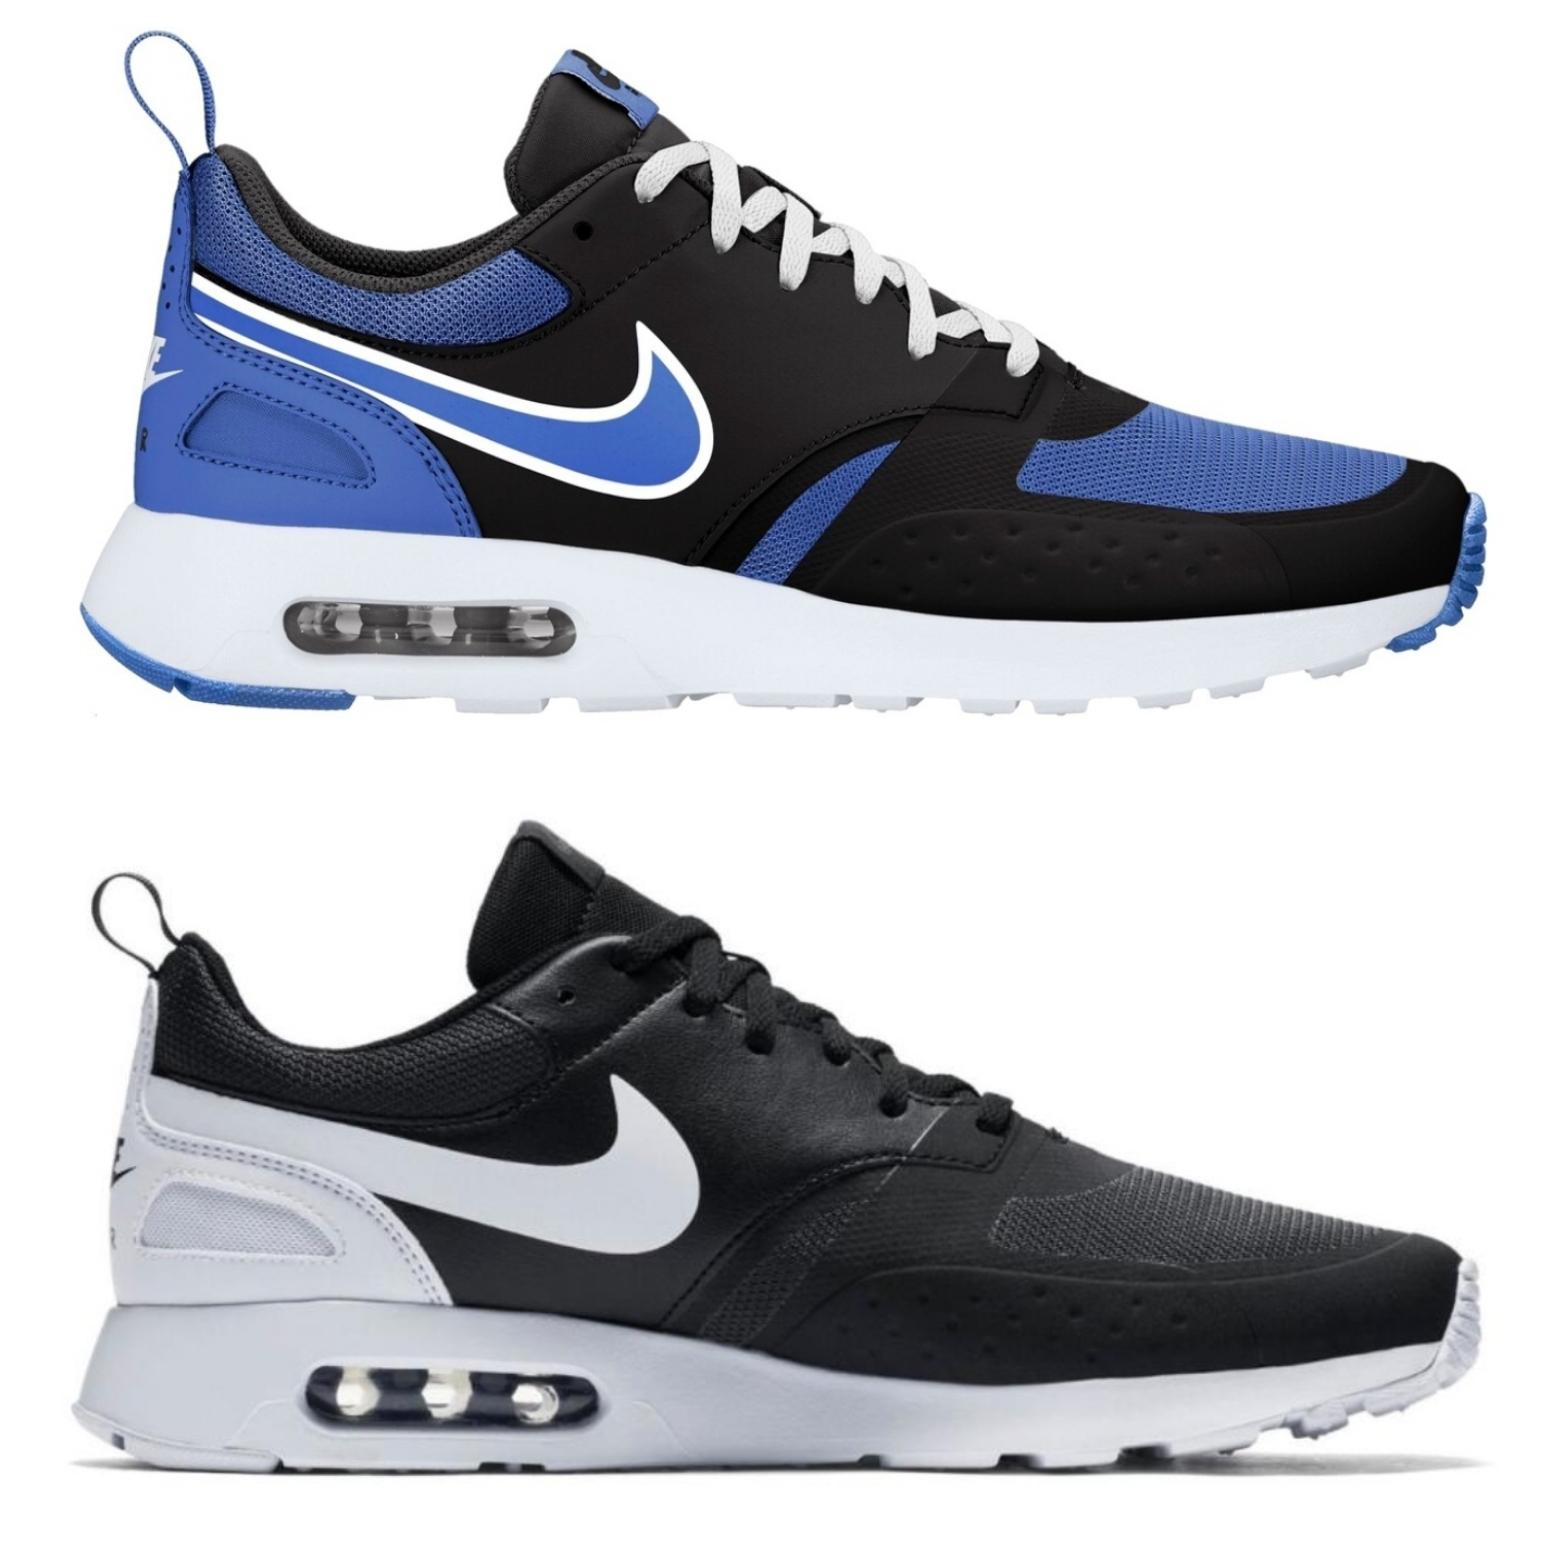 8fc515c5902d4 Nike Air Max Vision wieder in anderen Farben verfügbar bei  Intersport